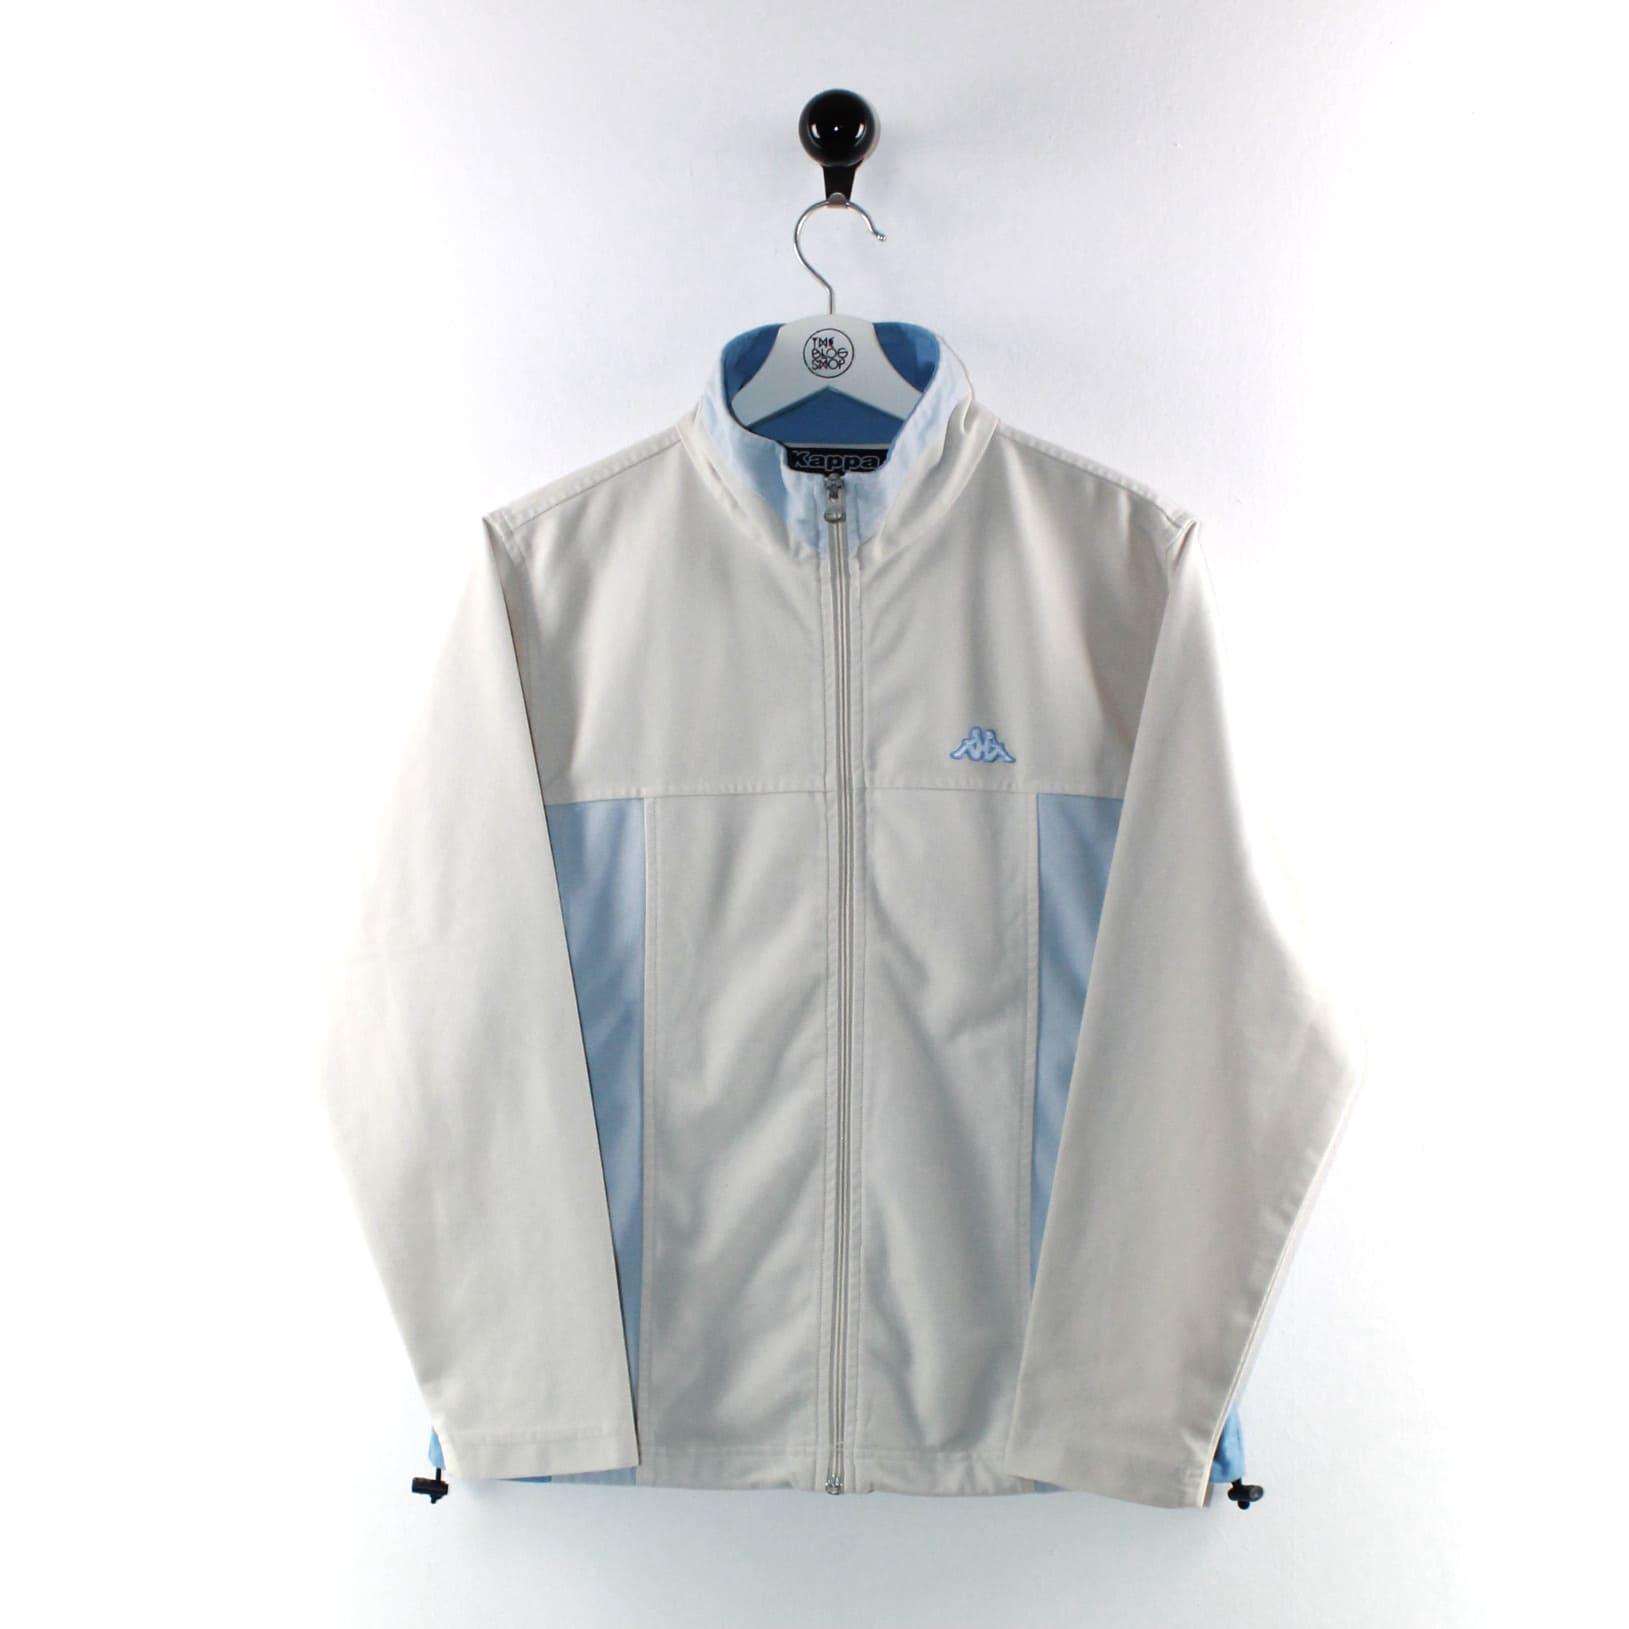 Kappa - Track jacket